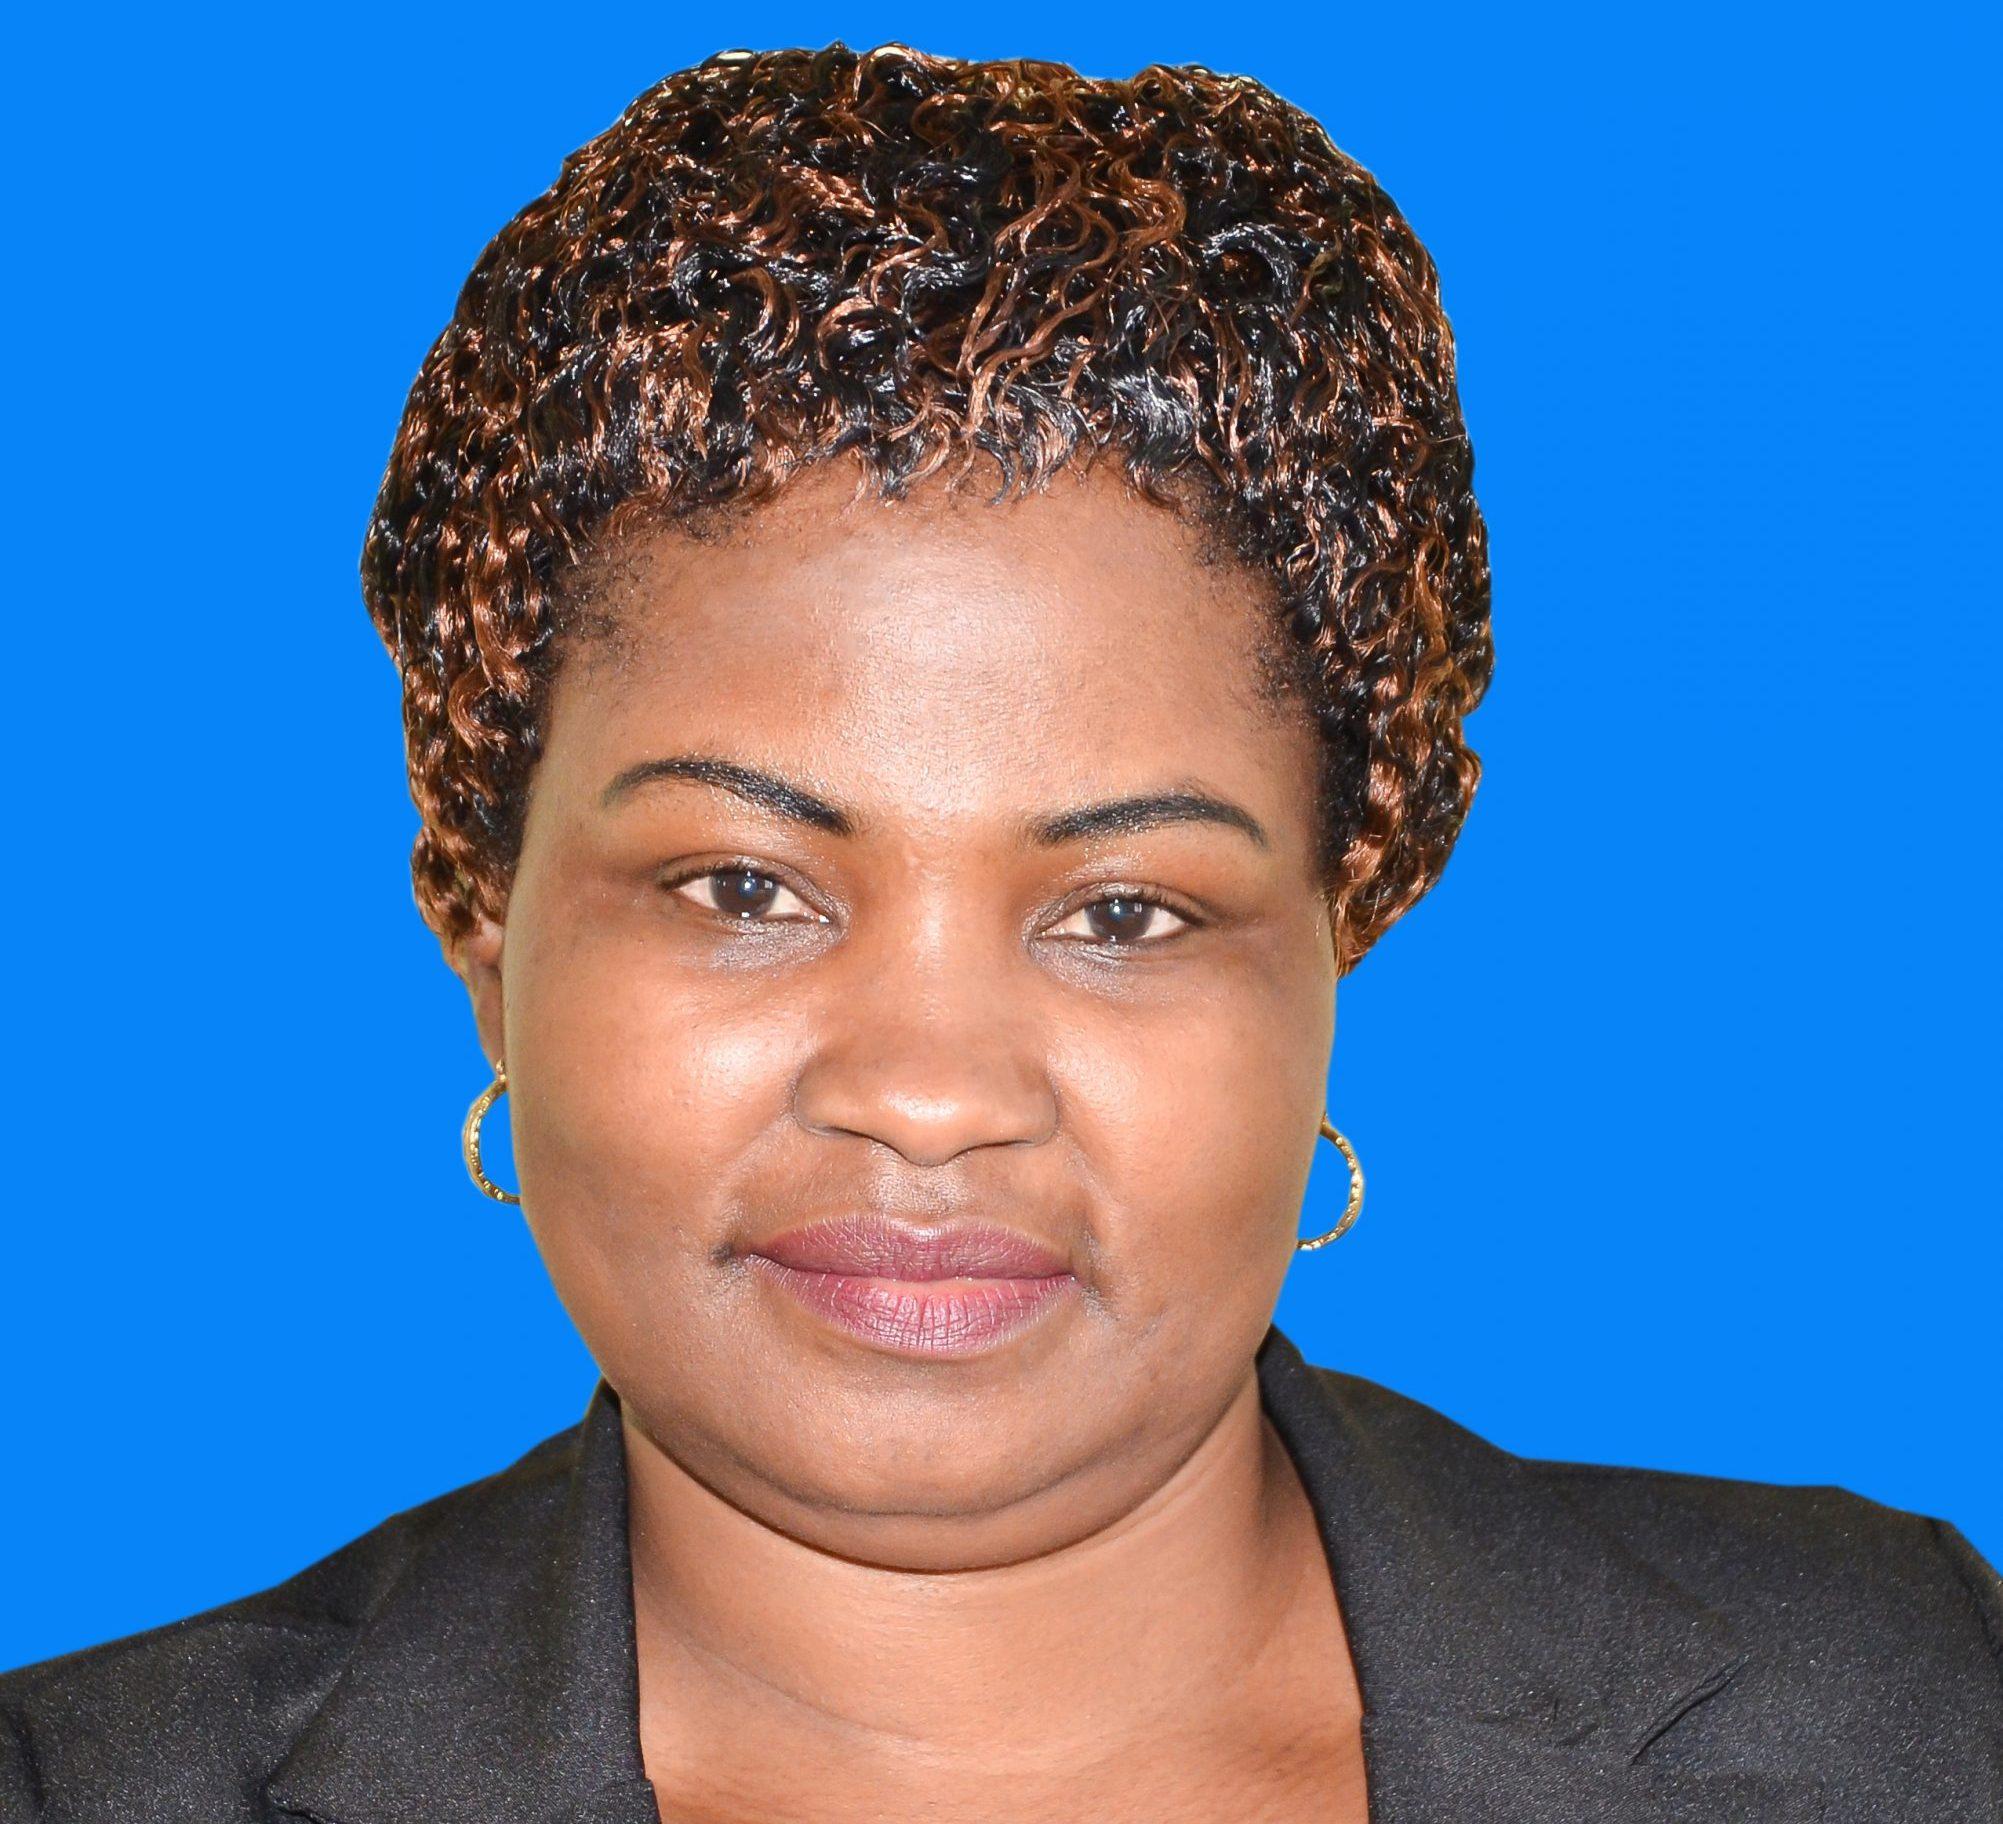 Fatuma H. Mrope